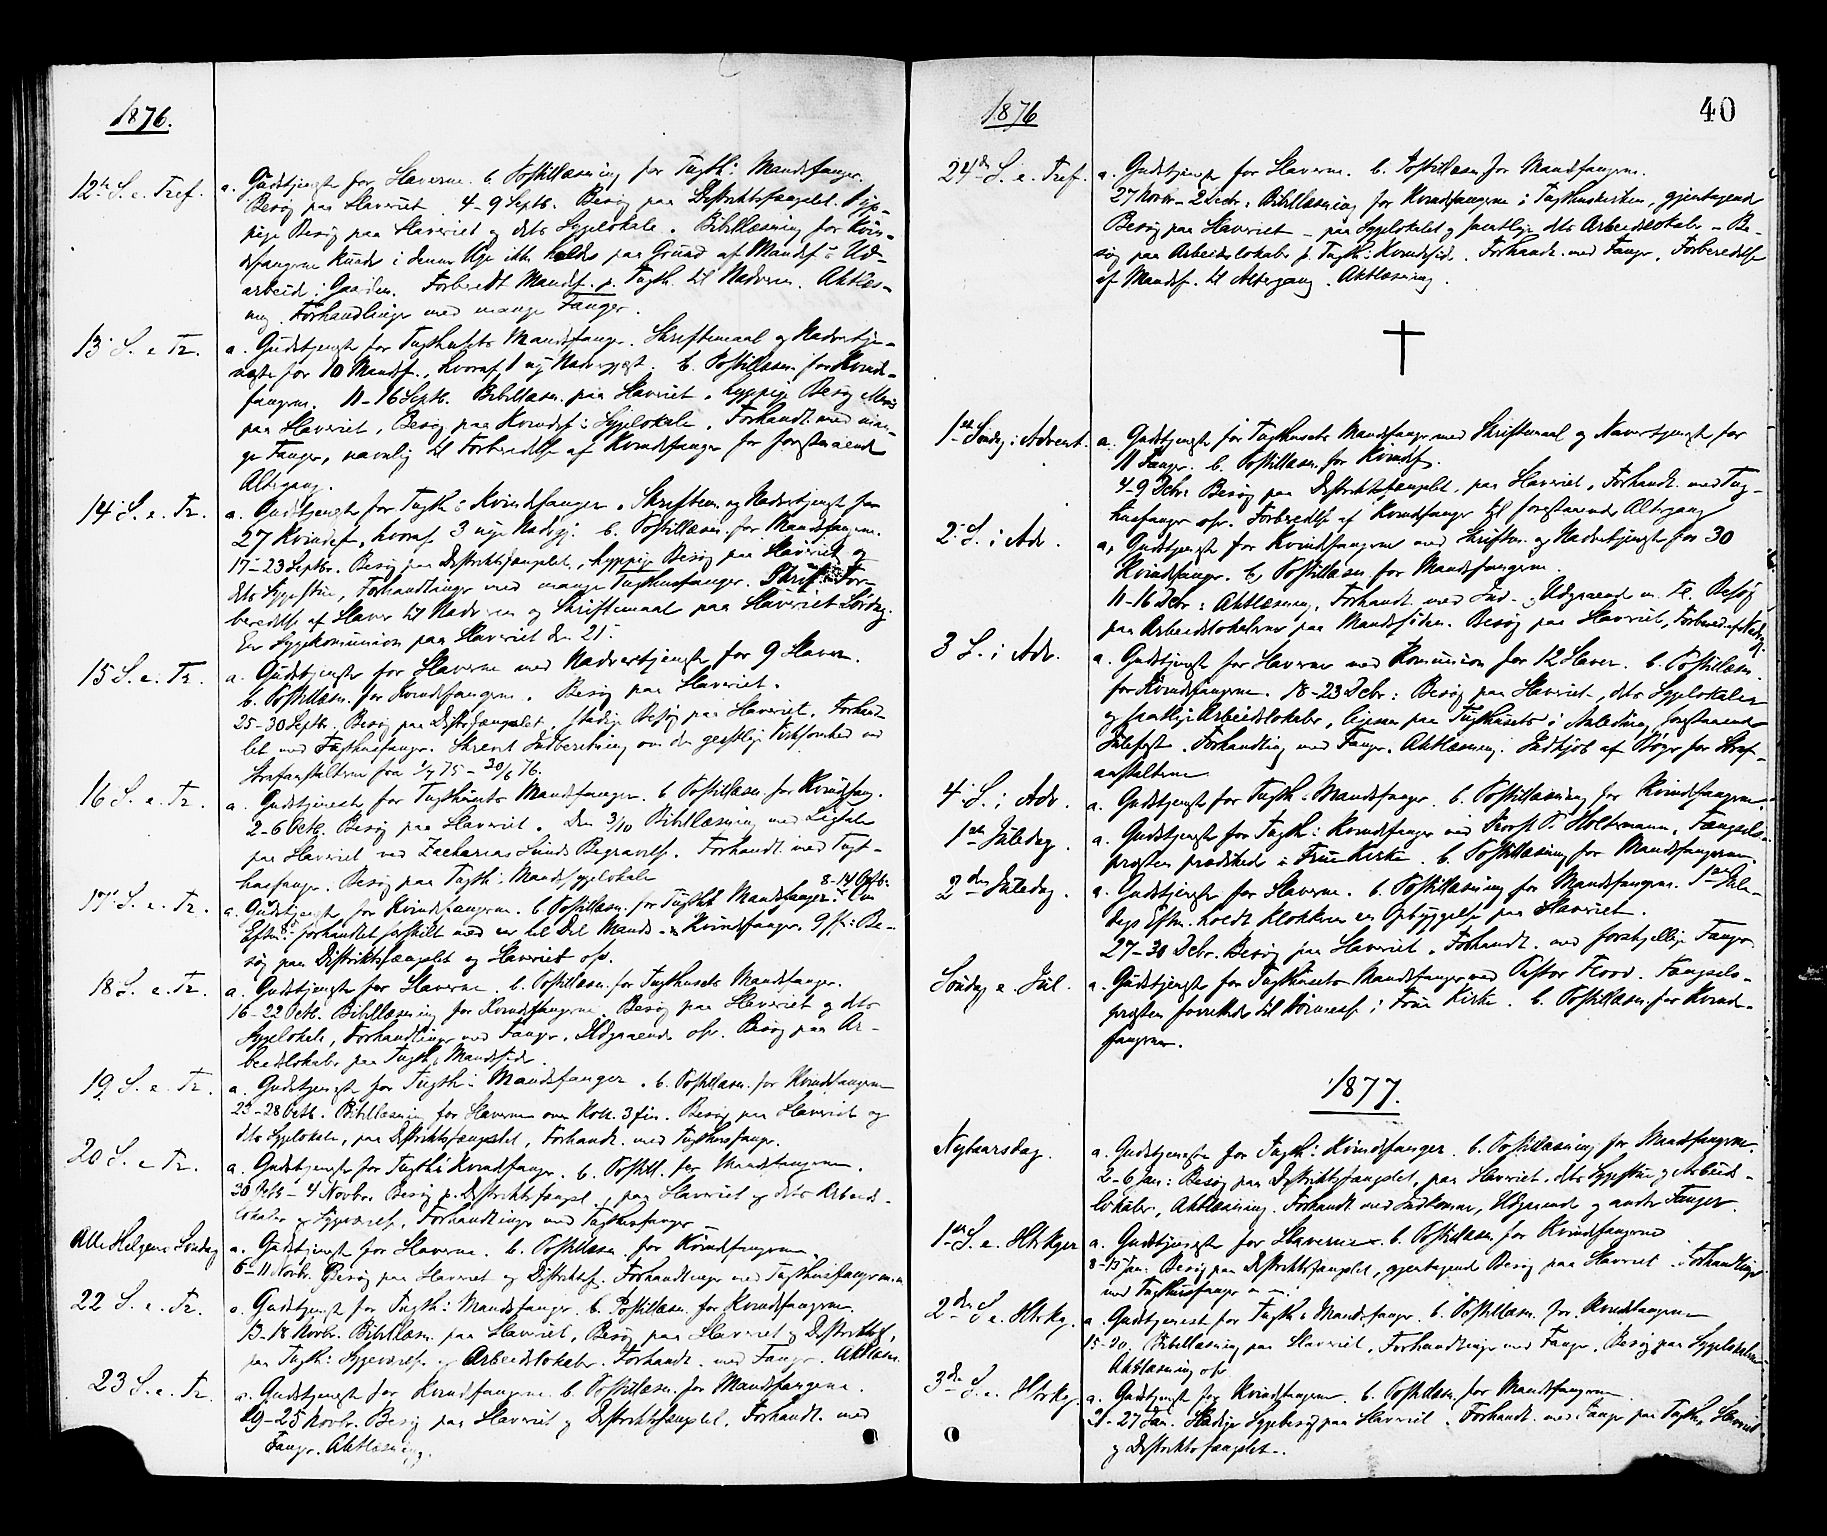 SAT, Ministerialprotokoller, klokkerbøker og fødselsregistre - Sør-Trøndelag, 624/L0482: Ministerialbok nr. 624A03, 1870-1918, s. 40